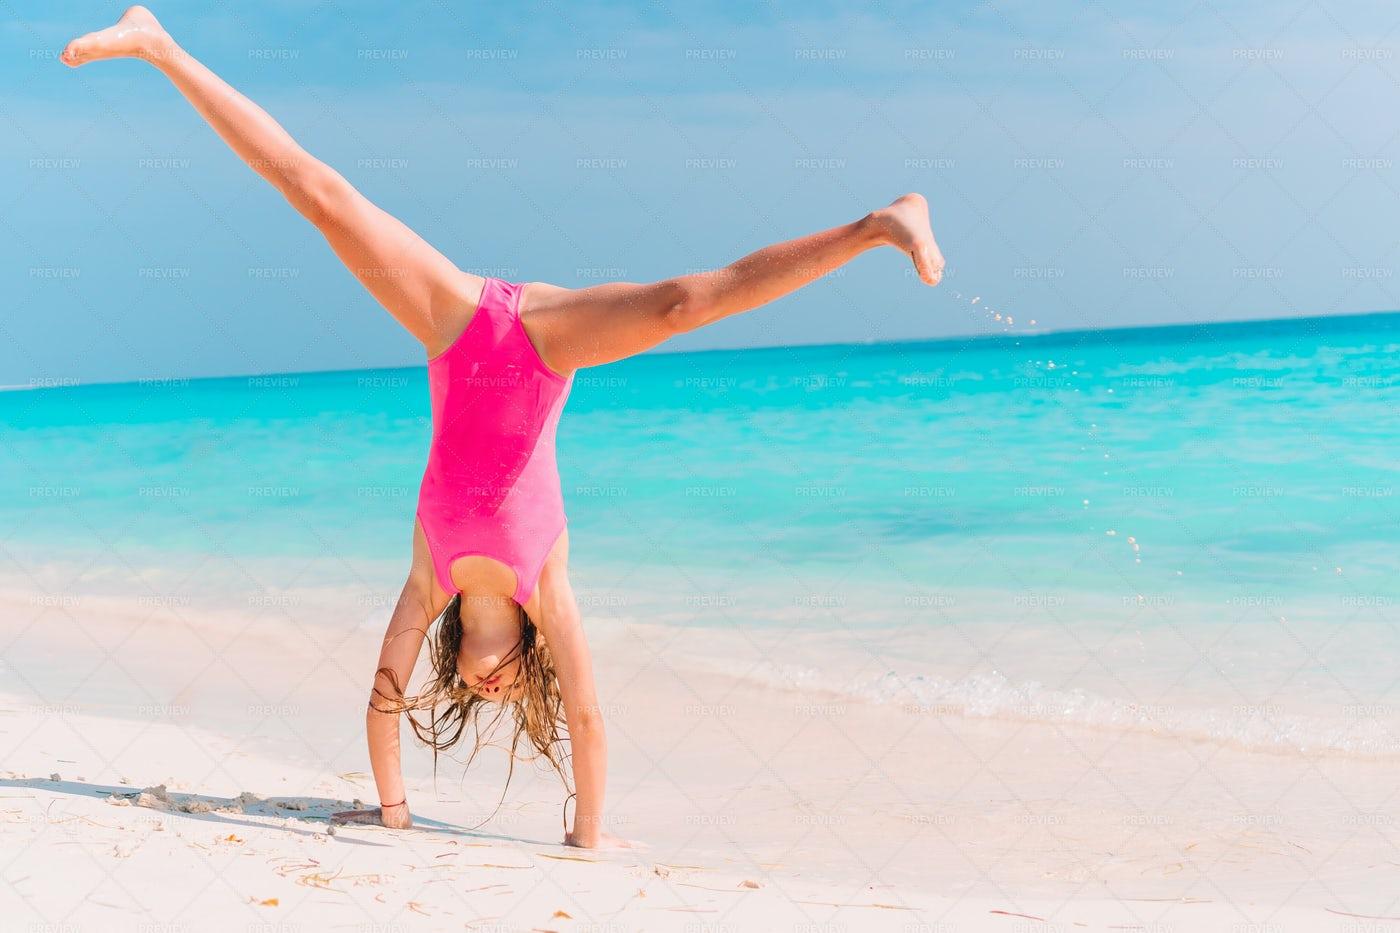 Cartwheel On The Beach: Stock Photos